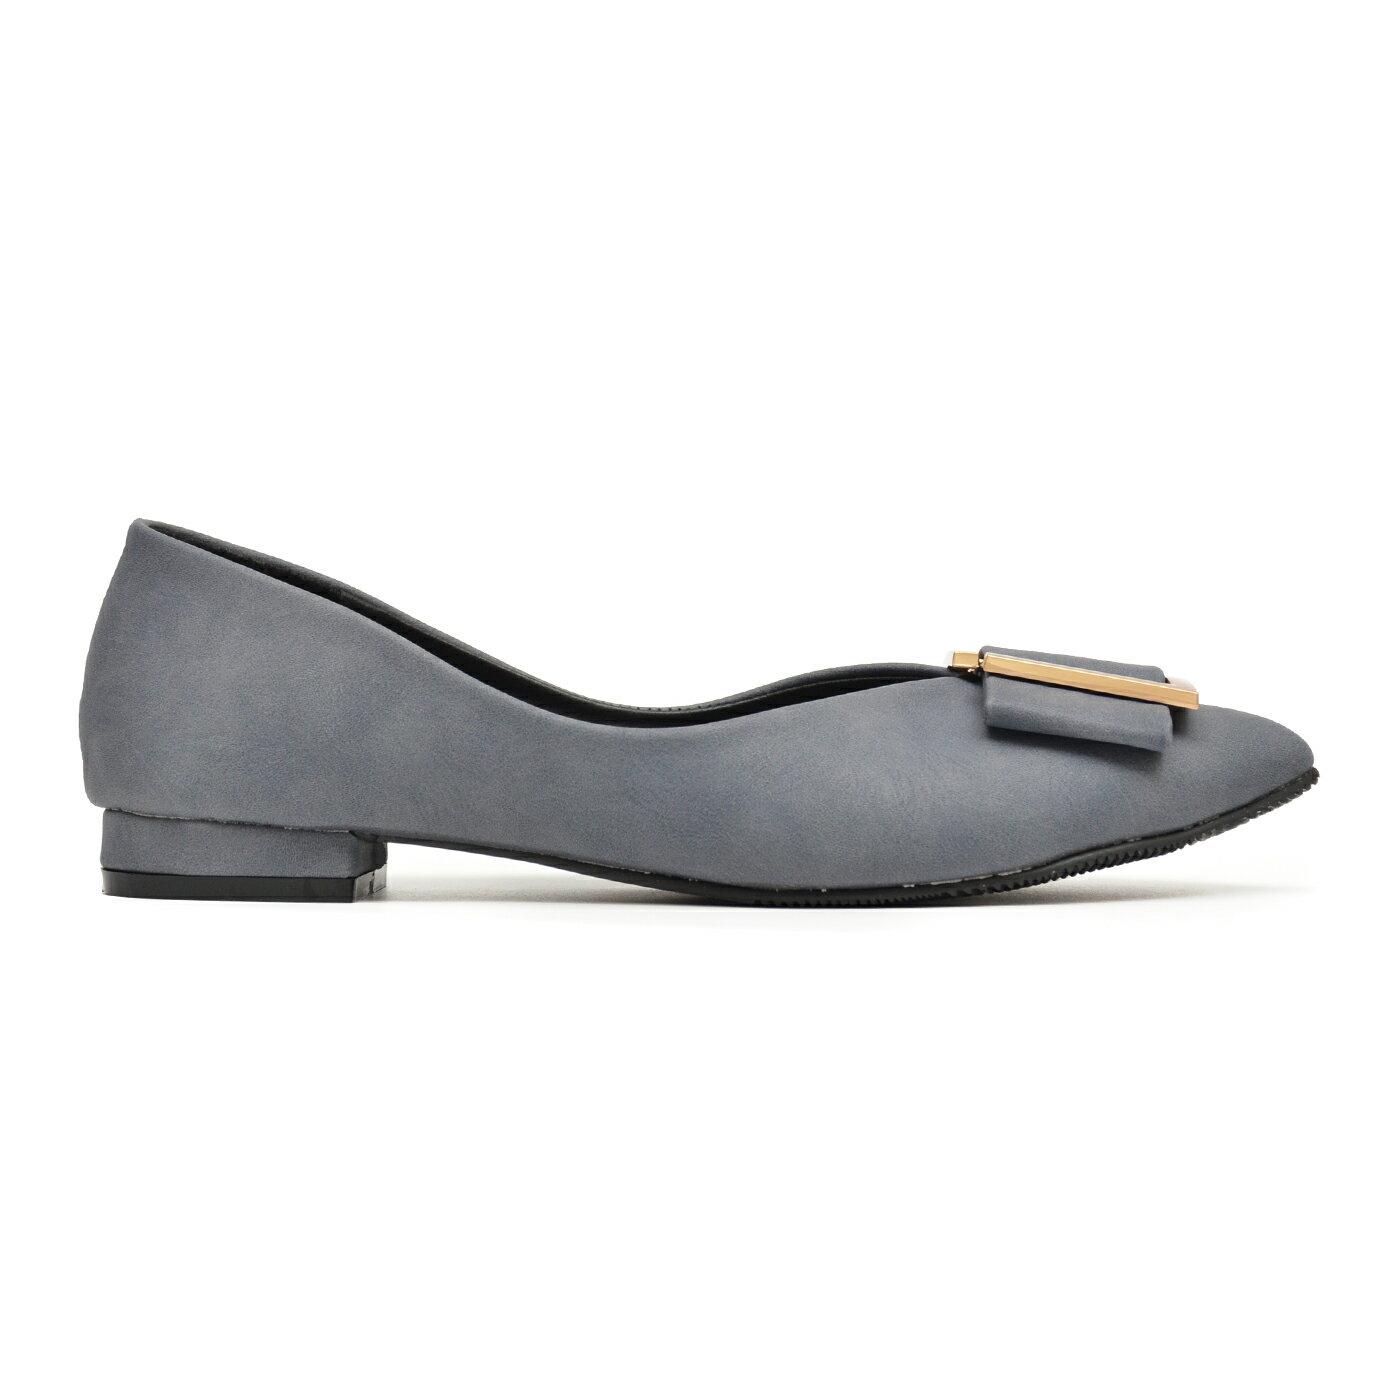 低跟鞋 大方蝶結釦尖頭鞋-灰